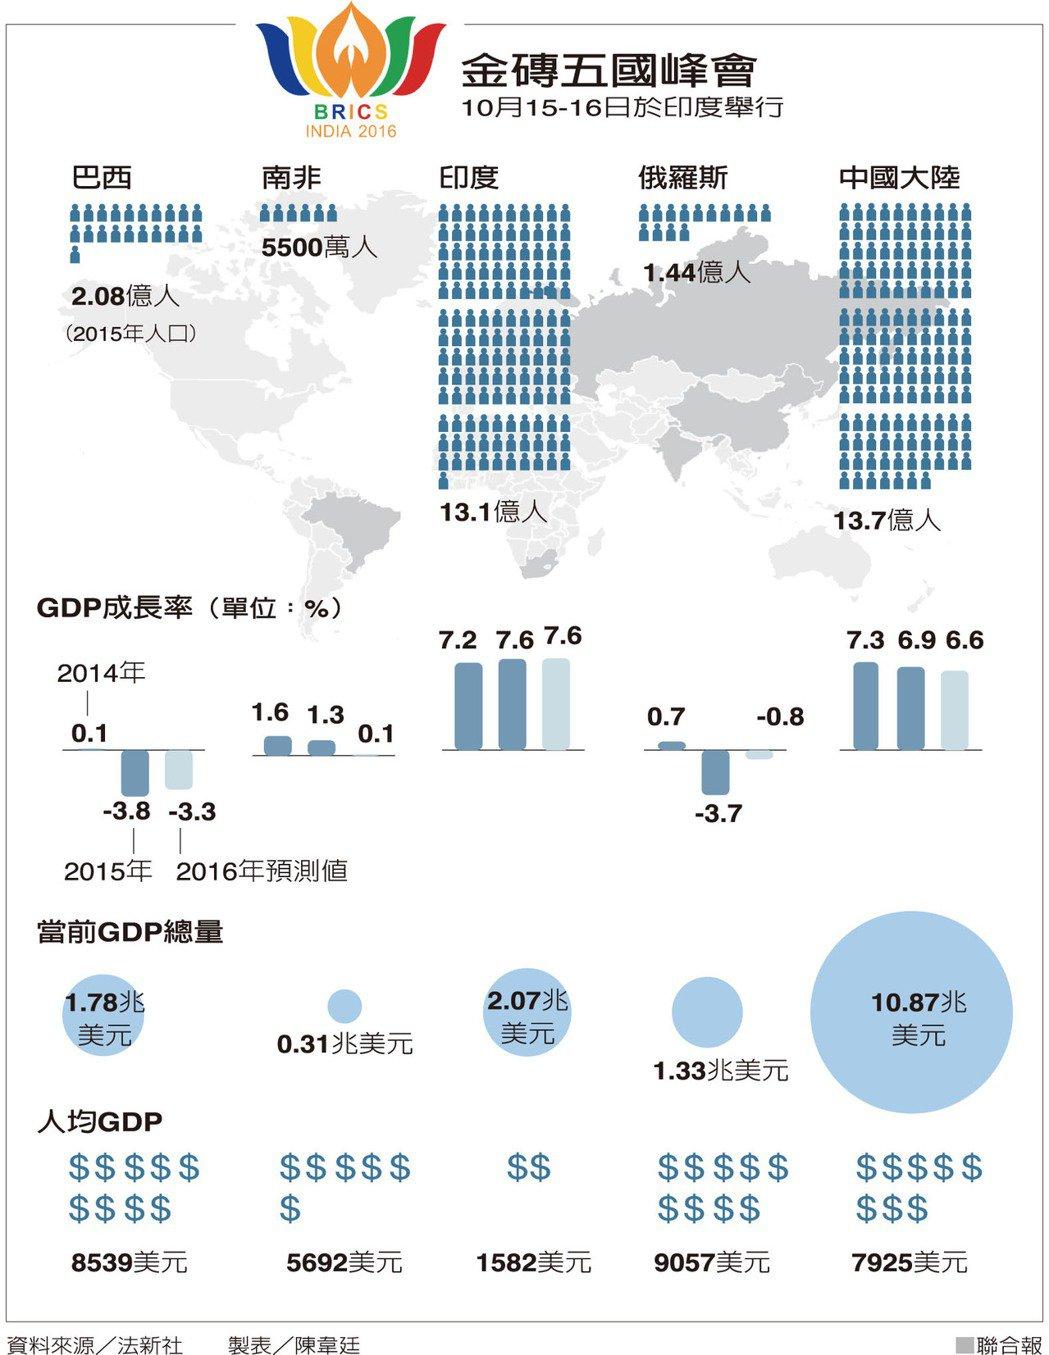 金磚五國峰會 圖/聯合報提供